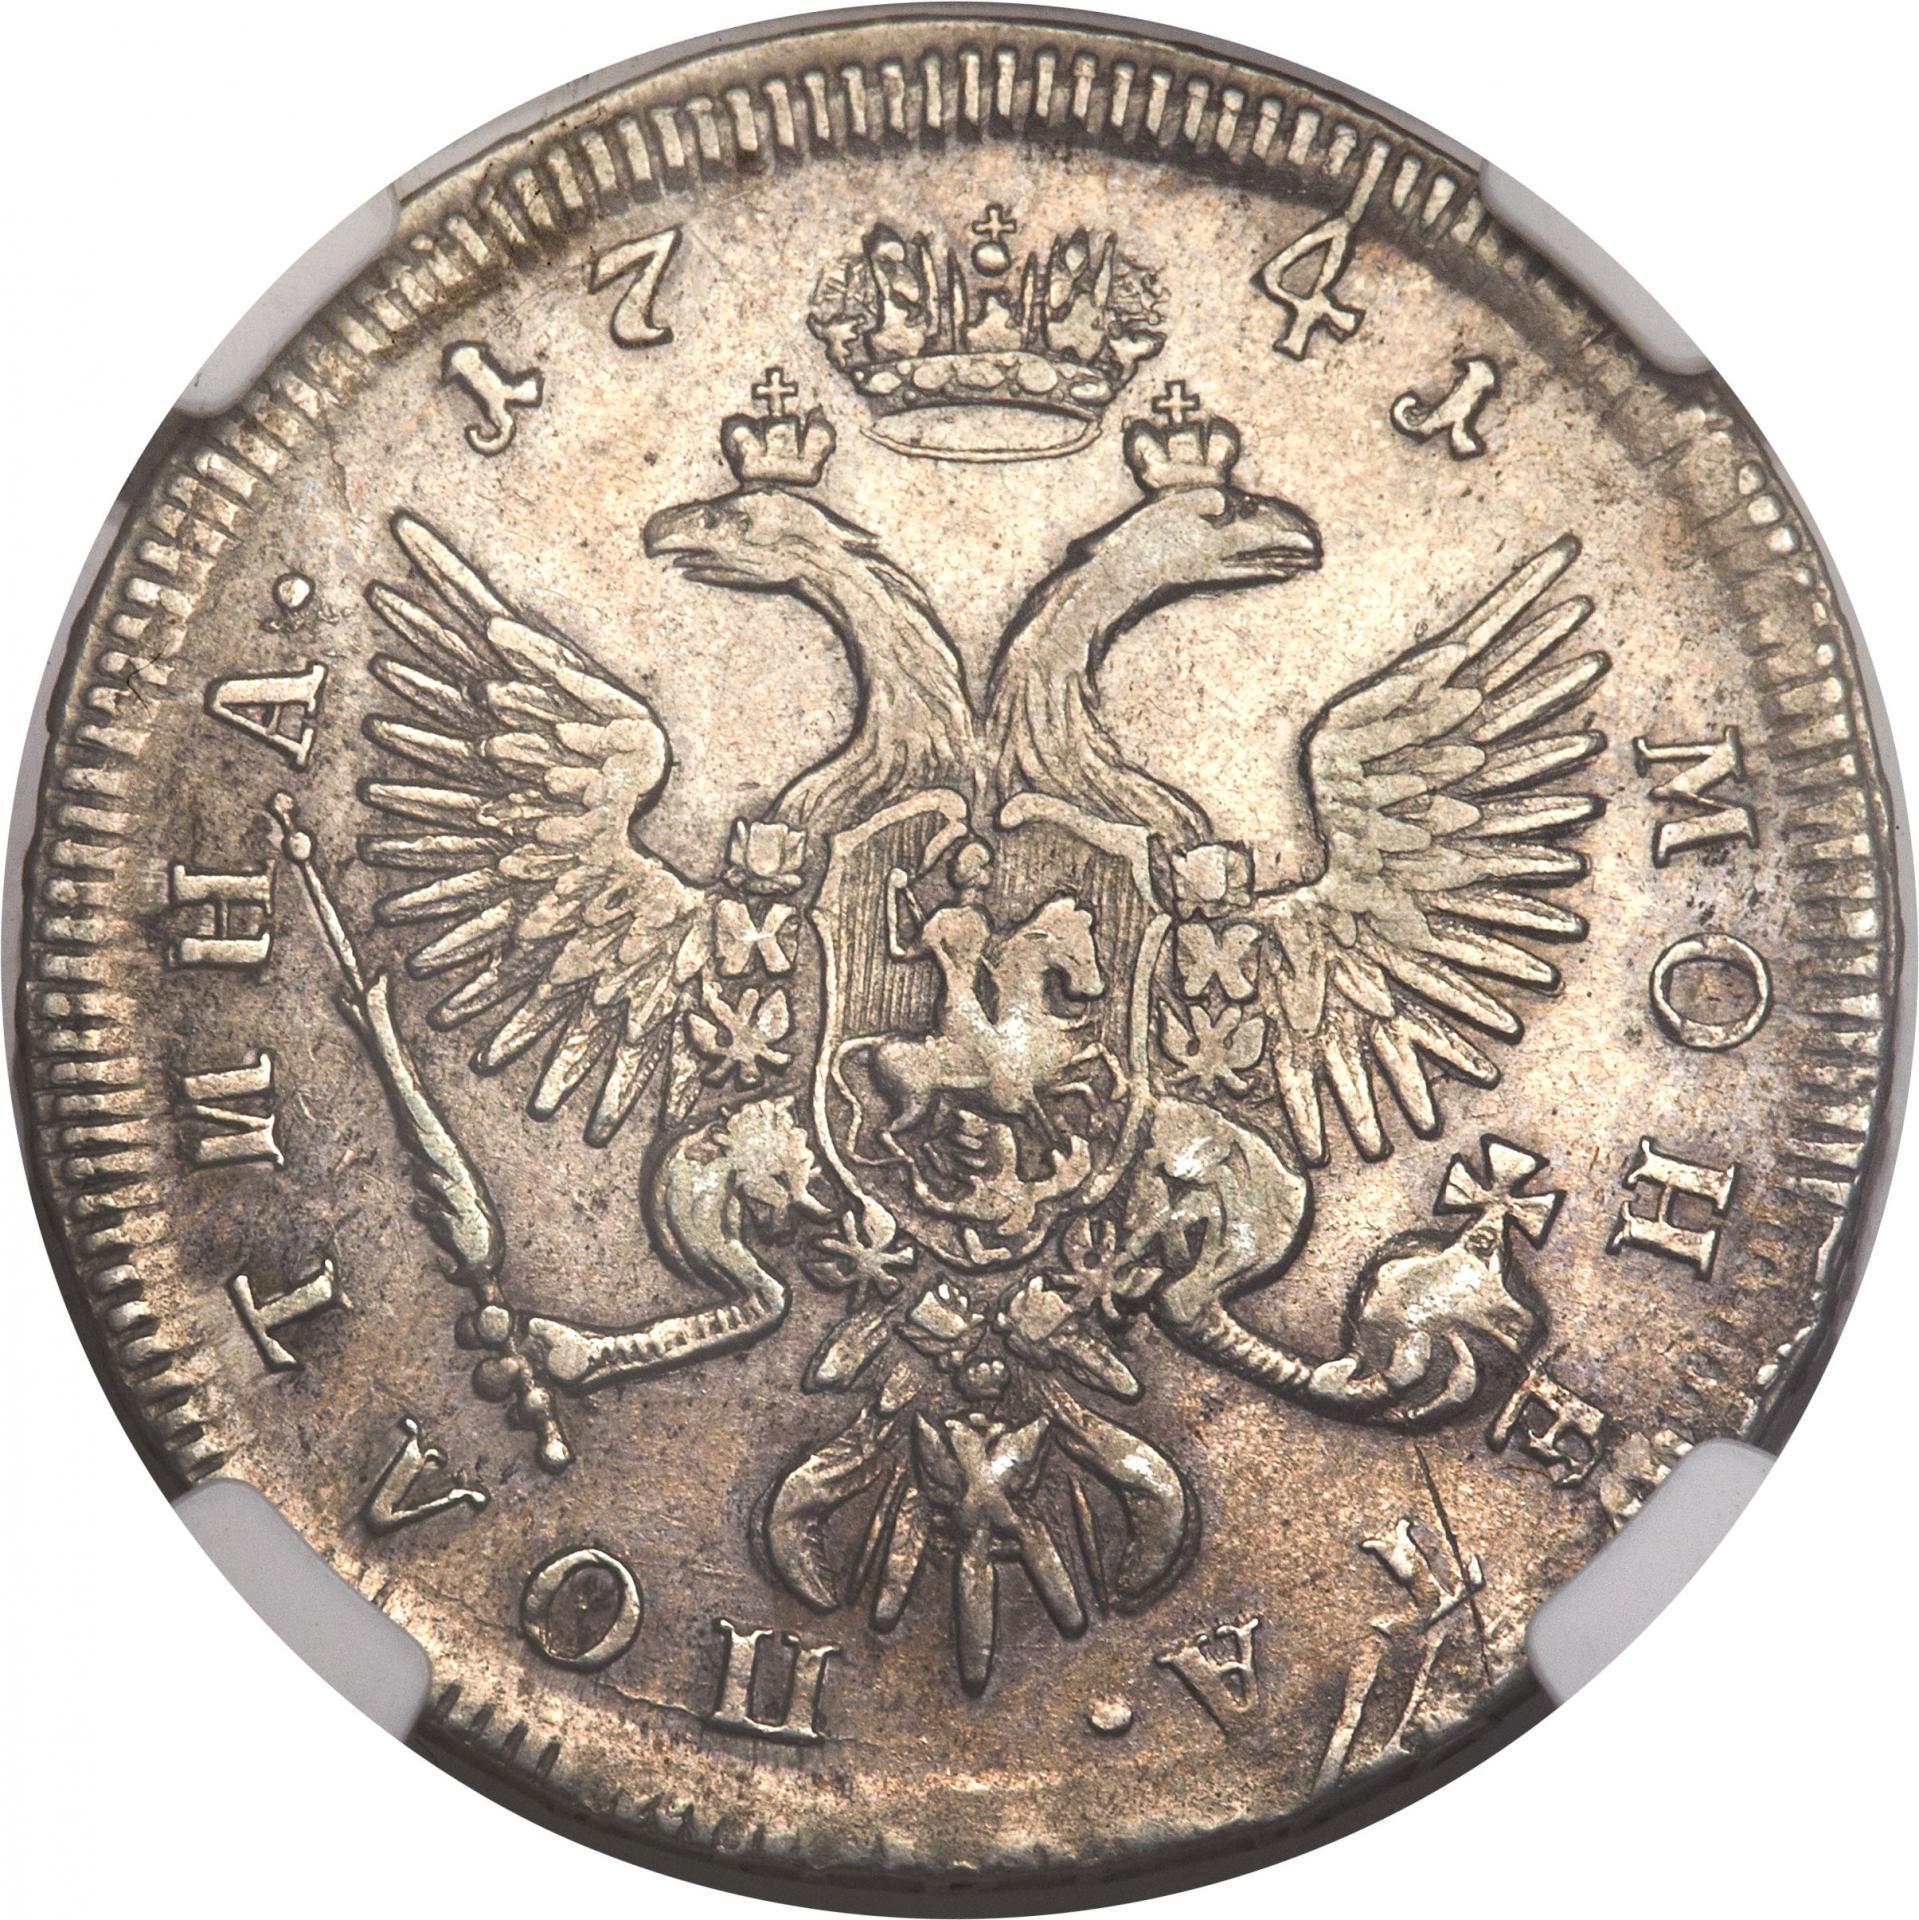 Полтина 1741 г. ММД. Иоанн Антонович. Красный монетный двор. Андреевский крест ниже обреза плаща. Голова меньше